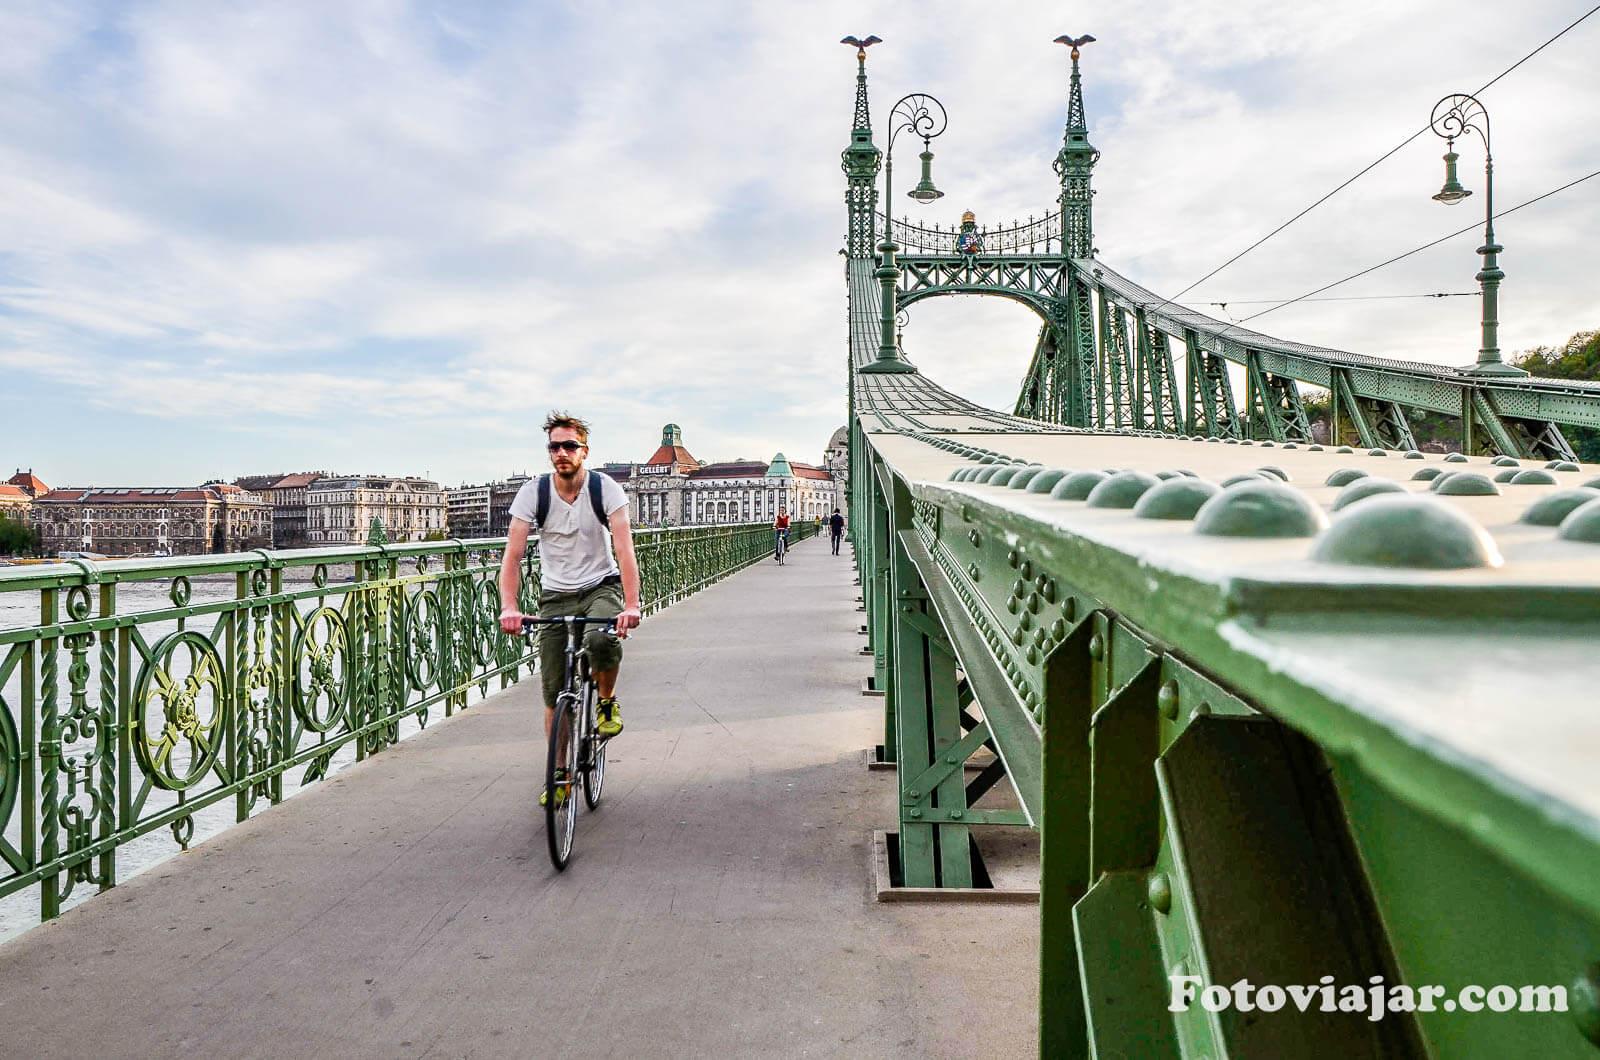 visitar budapeste ponte liberdade